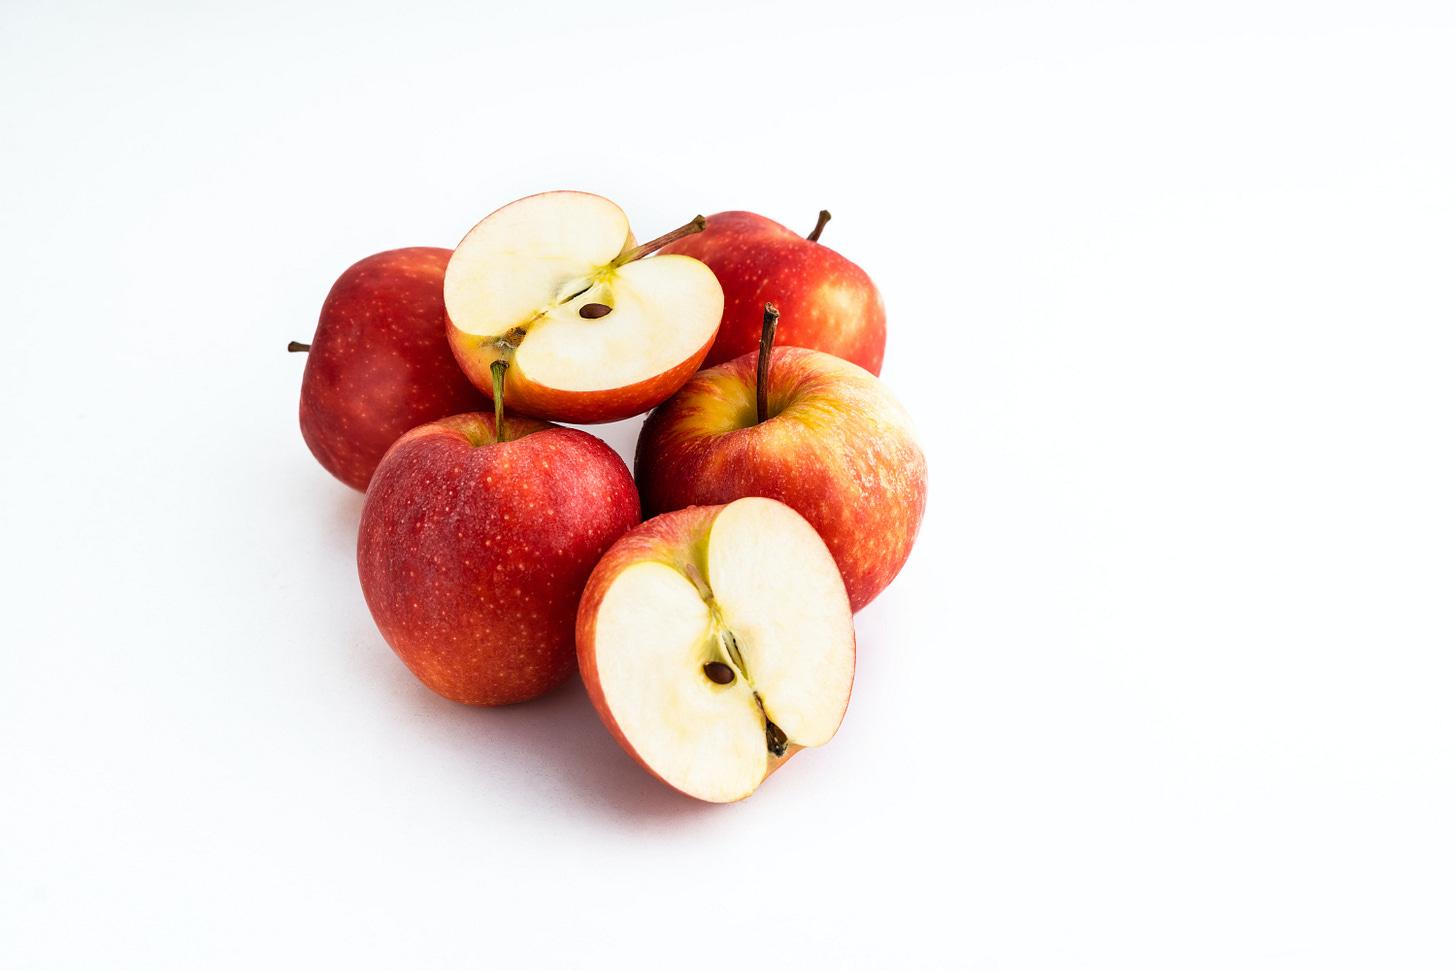 Whole and sliced apples. (Eiliv-Sonas Aceron / Unsplash)